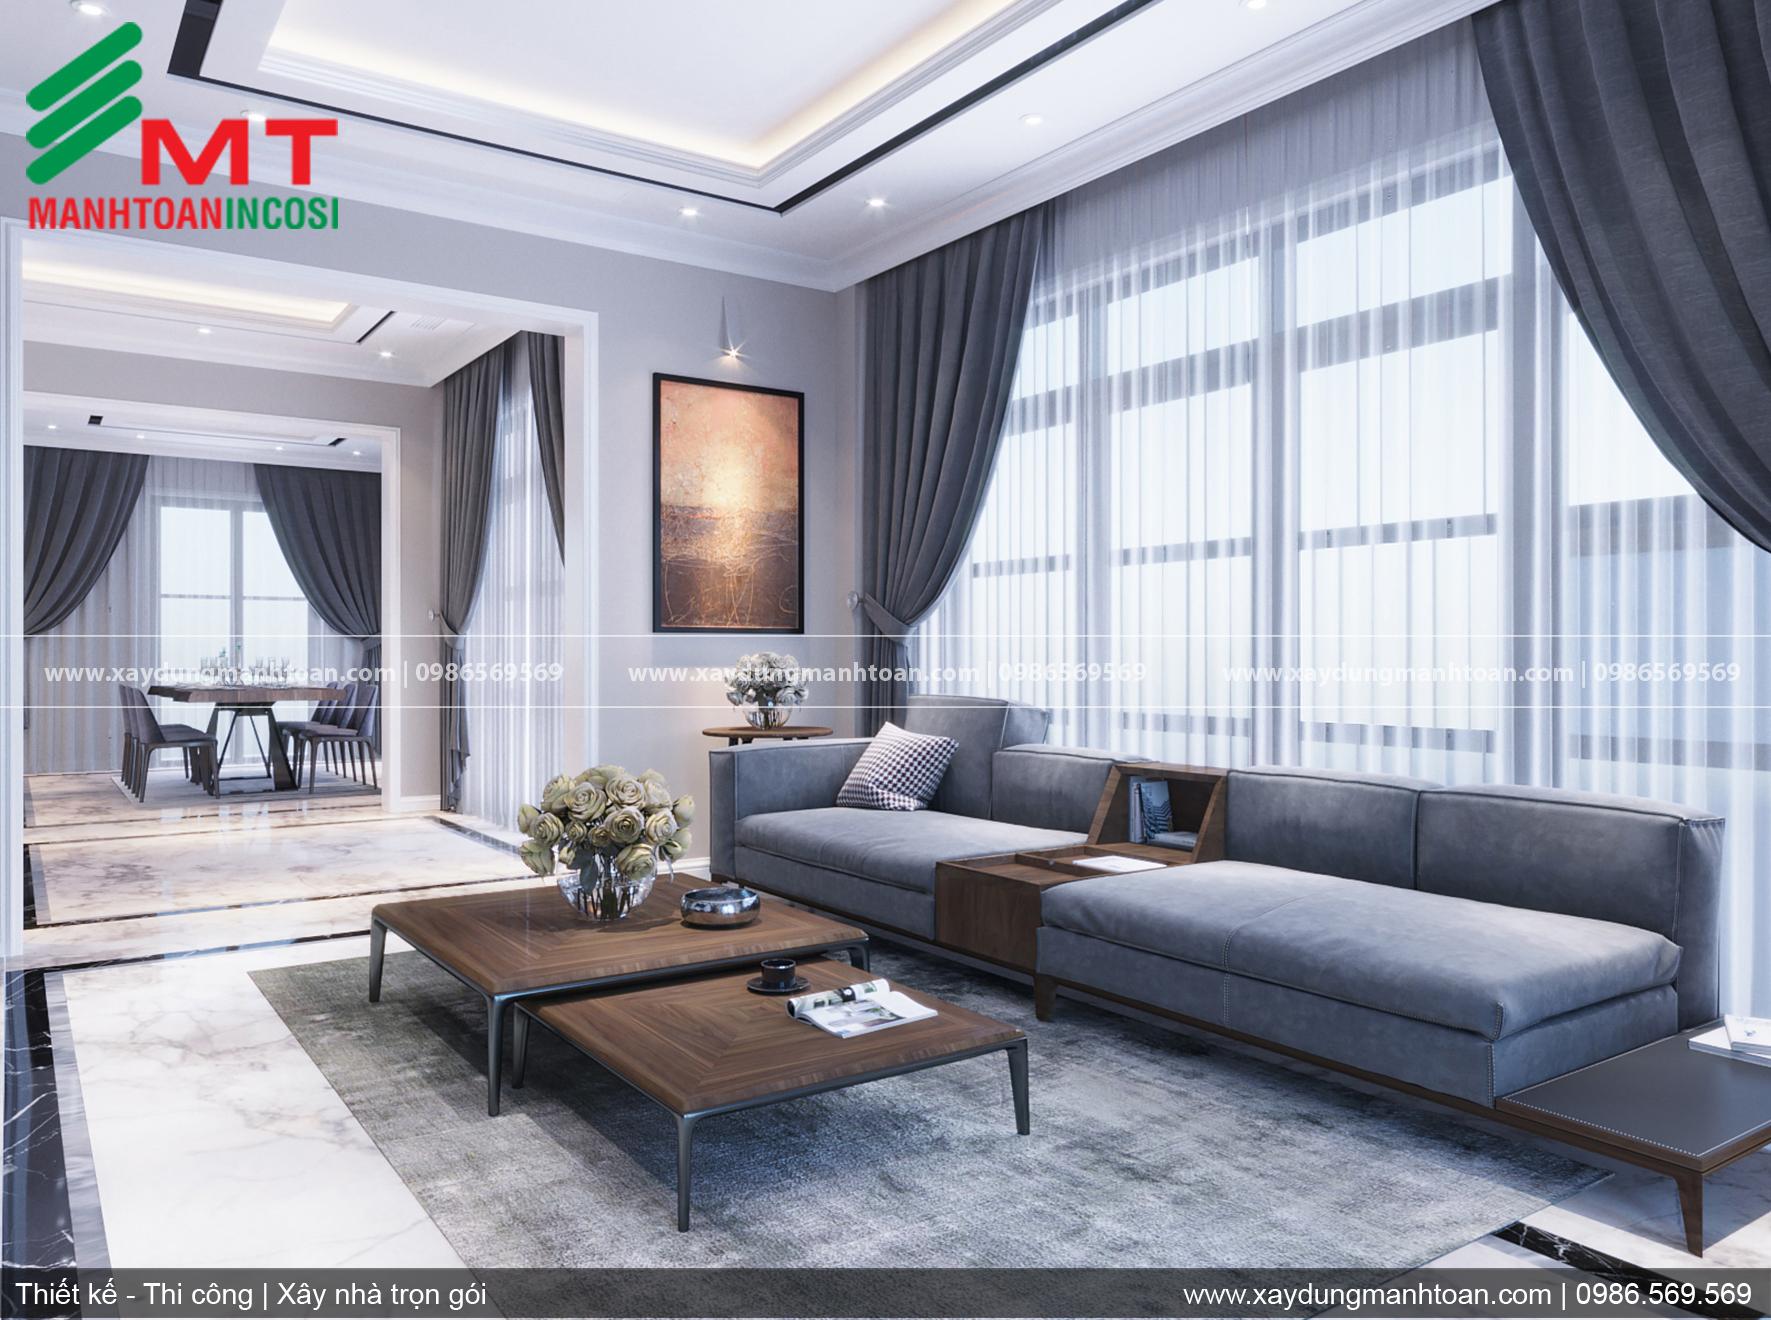 Thiết kế biệt thự đẹp, nội thất nhà đẹp